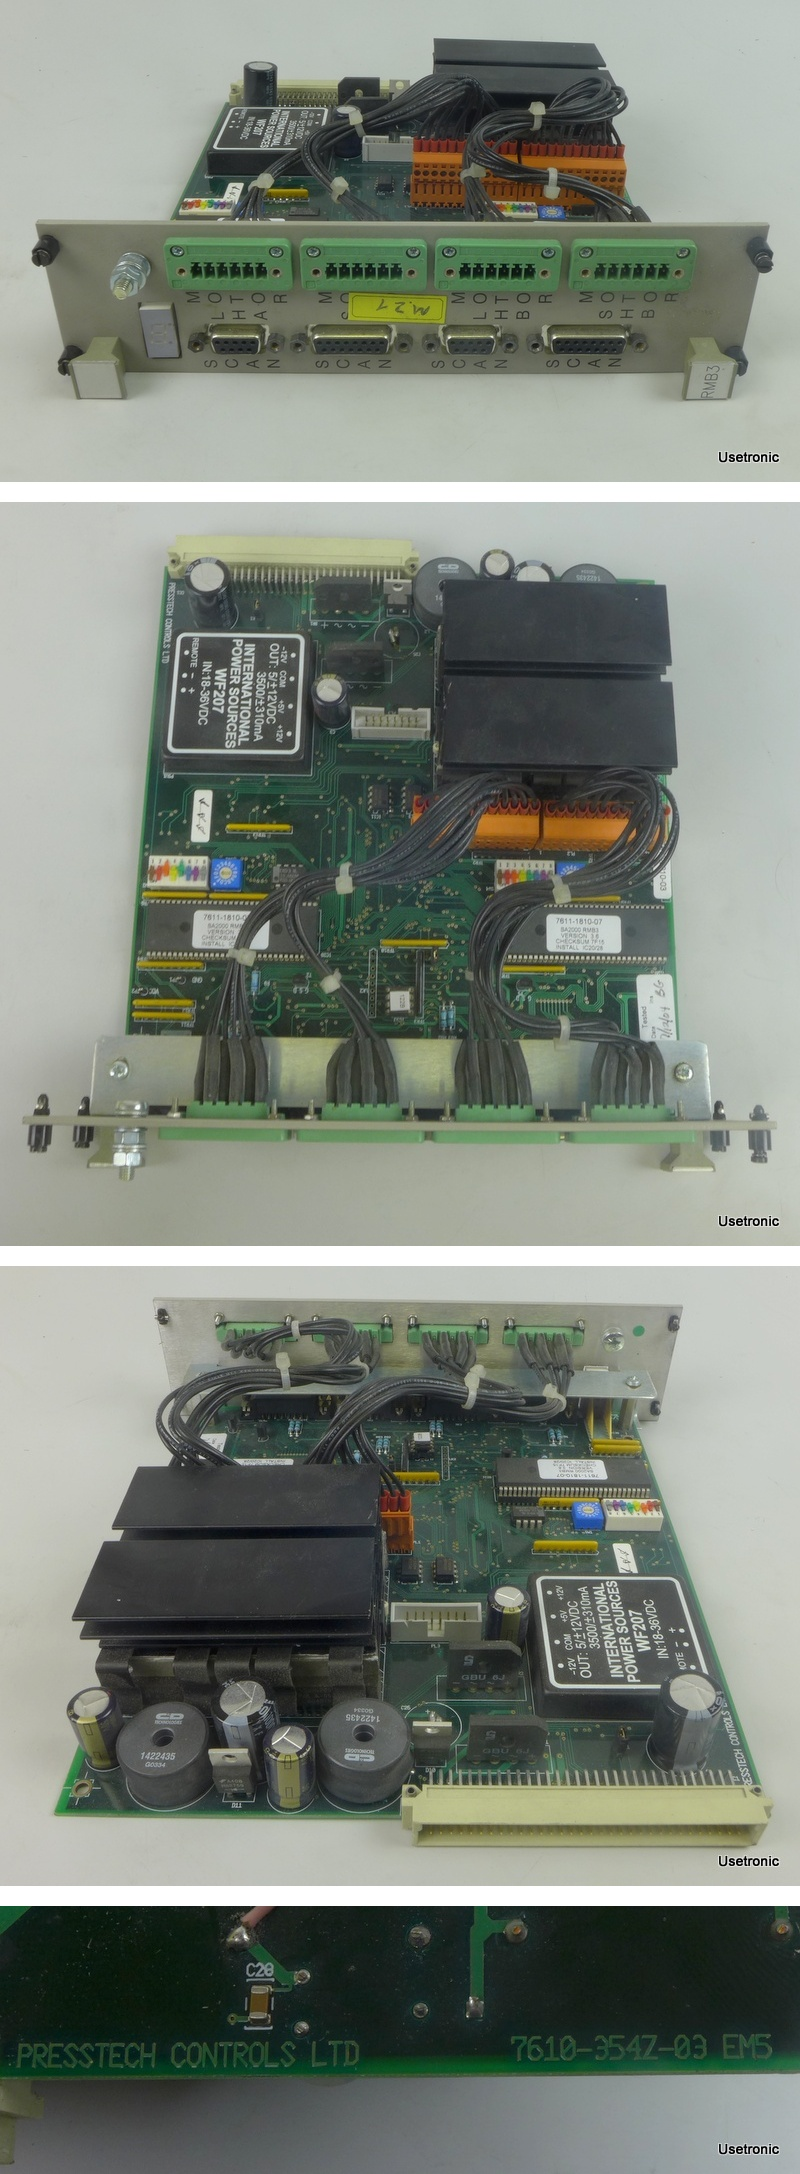 Presstech Controls LTD 7610-354Z-03